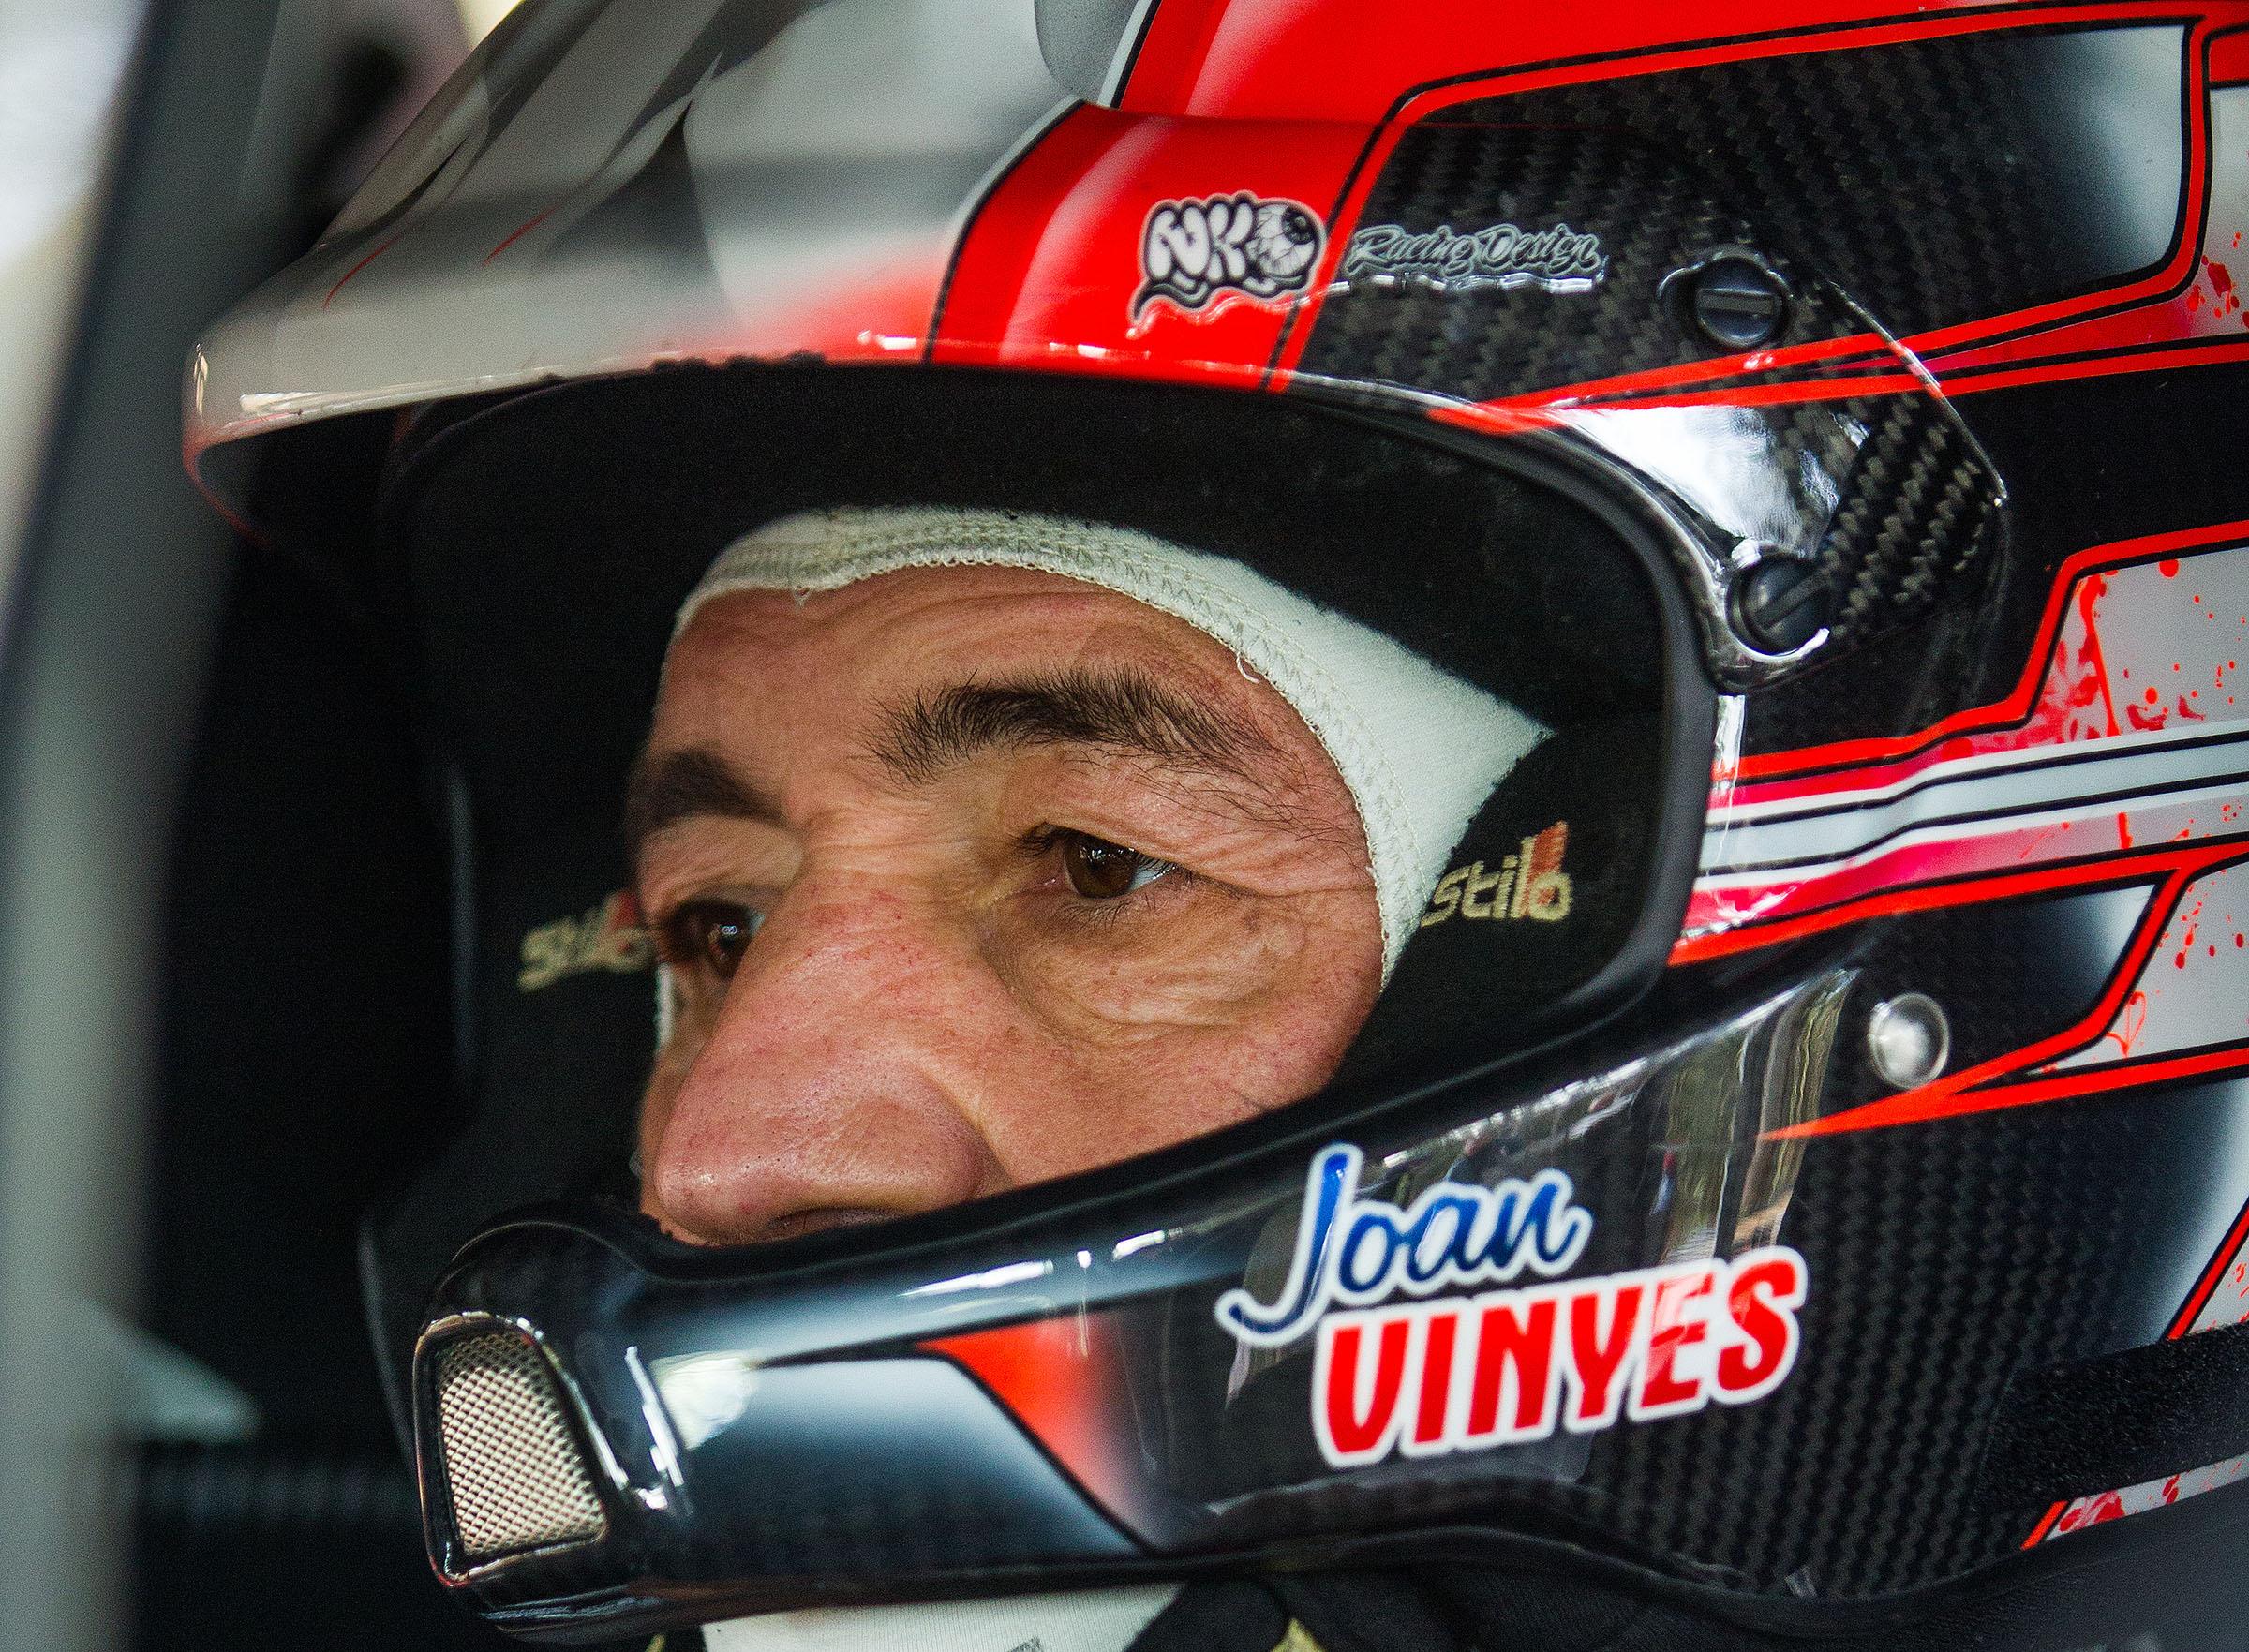 Vinyes-Mercader debutaran en el Campionat d'Espanya de Vehicles Històrics.